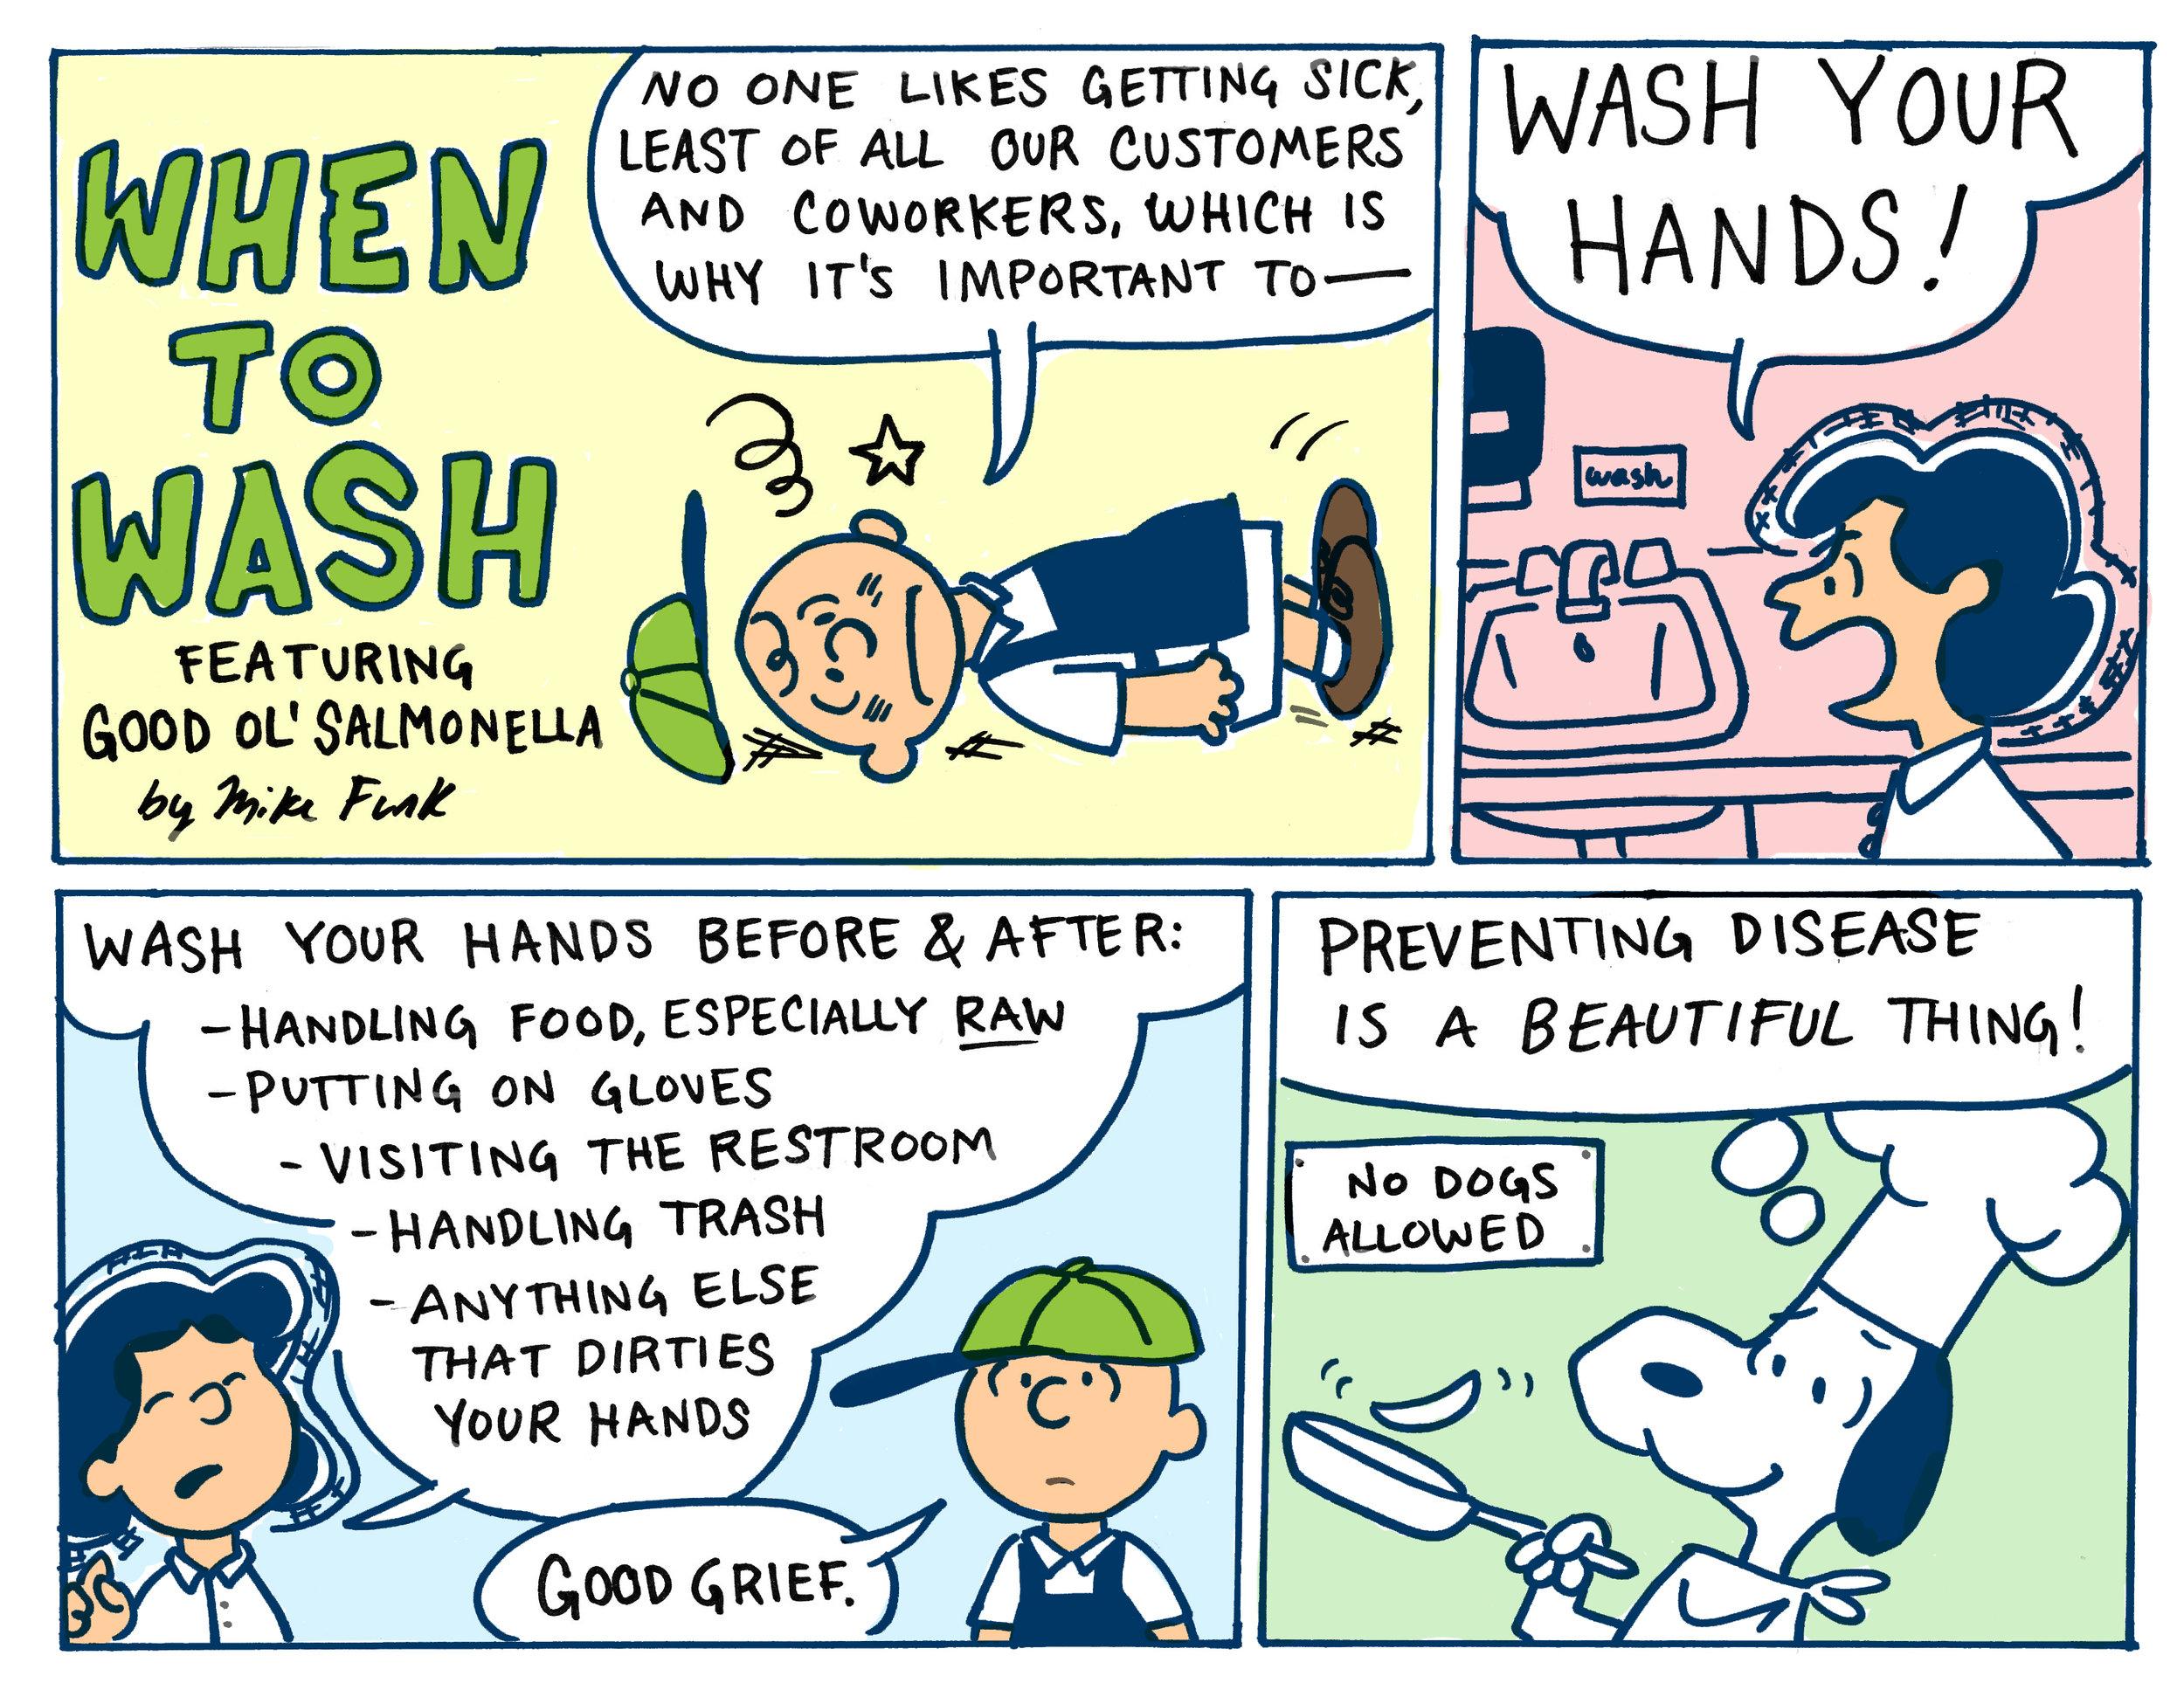 wash-your-hands!.jpg